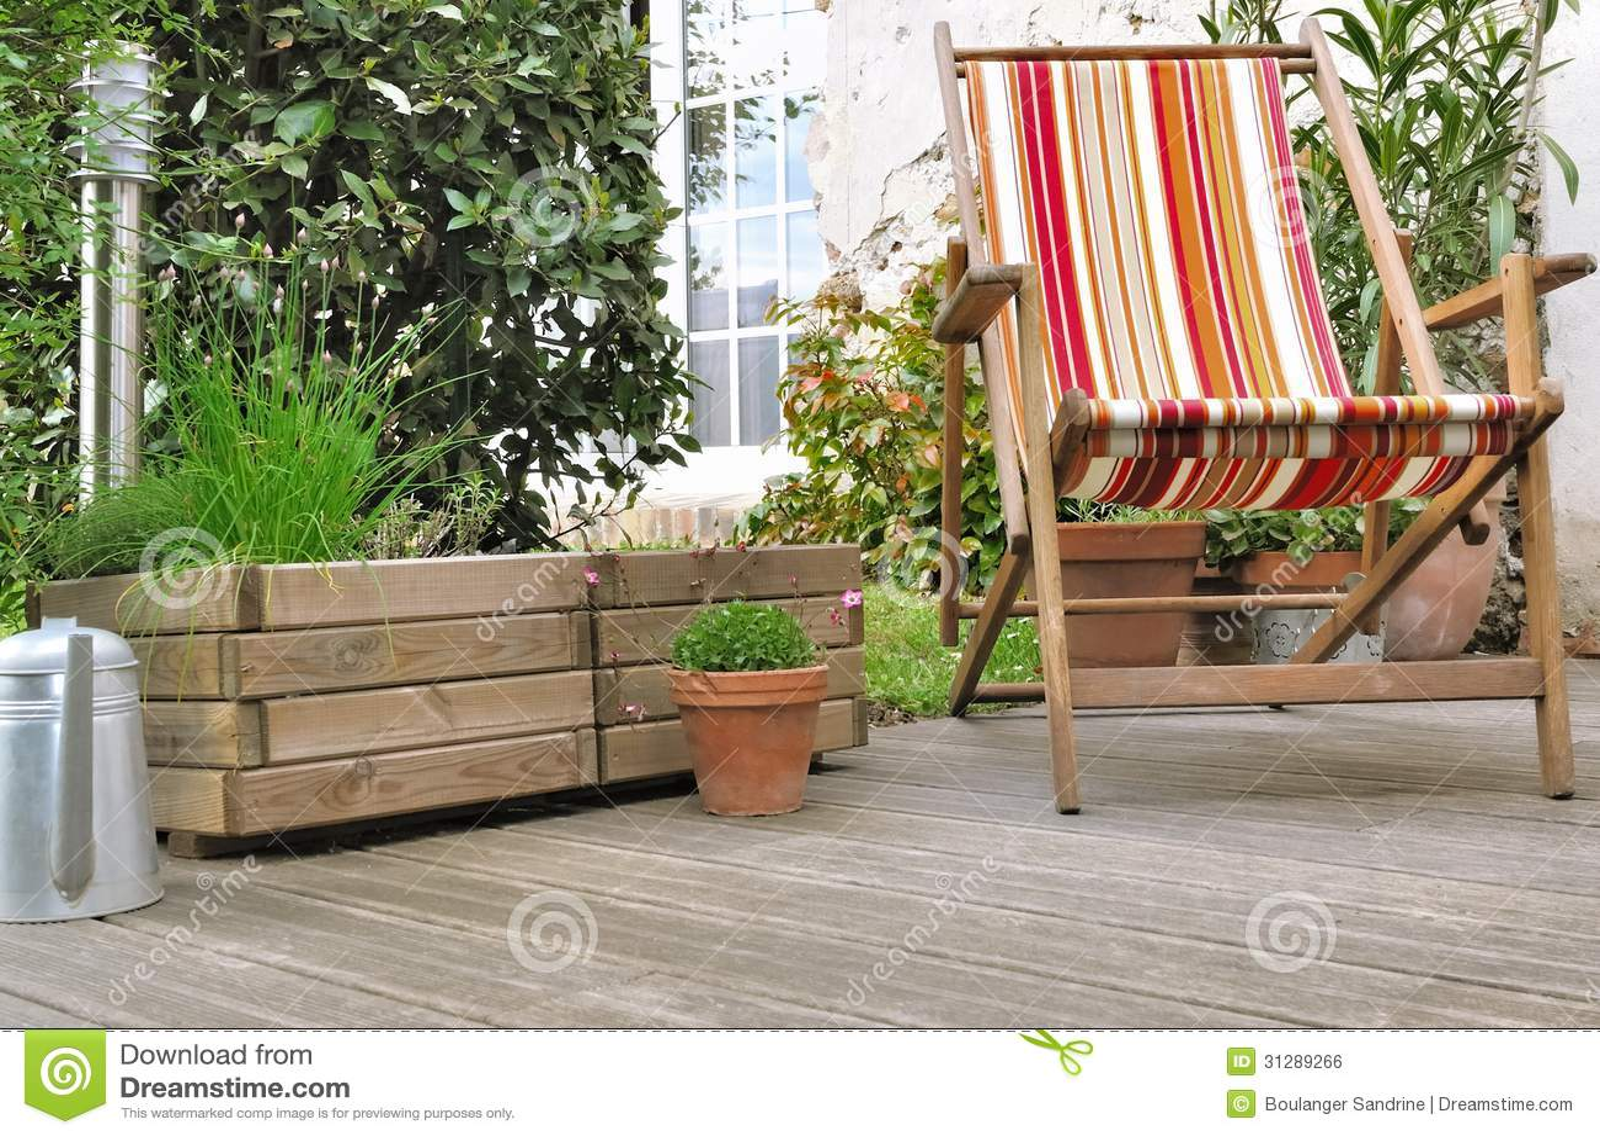 Sedia a sdraio sul terrazzo di legno fotografia stock for Sdraio da terrazzo